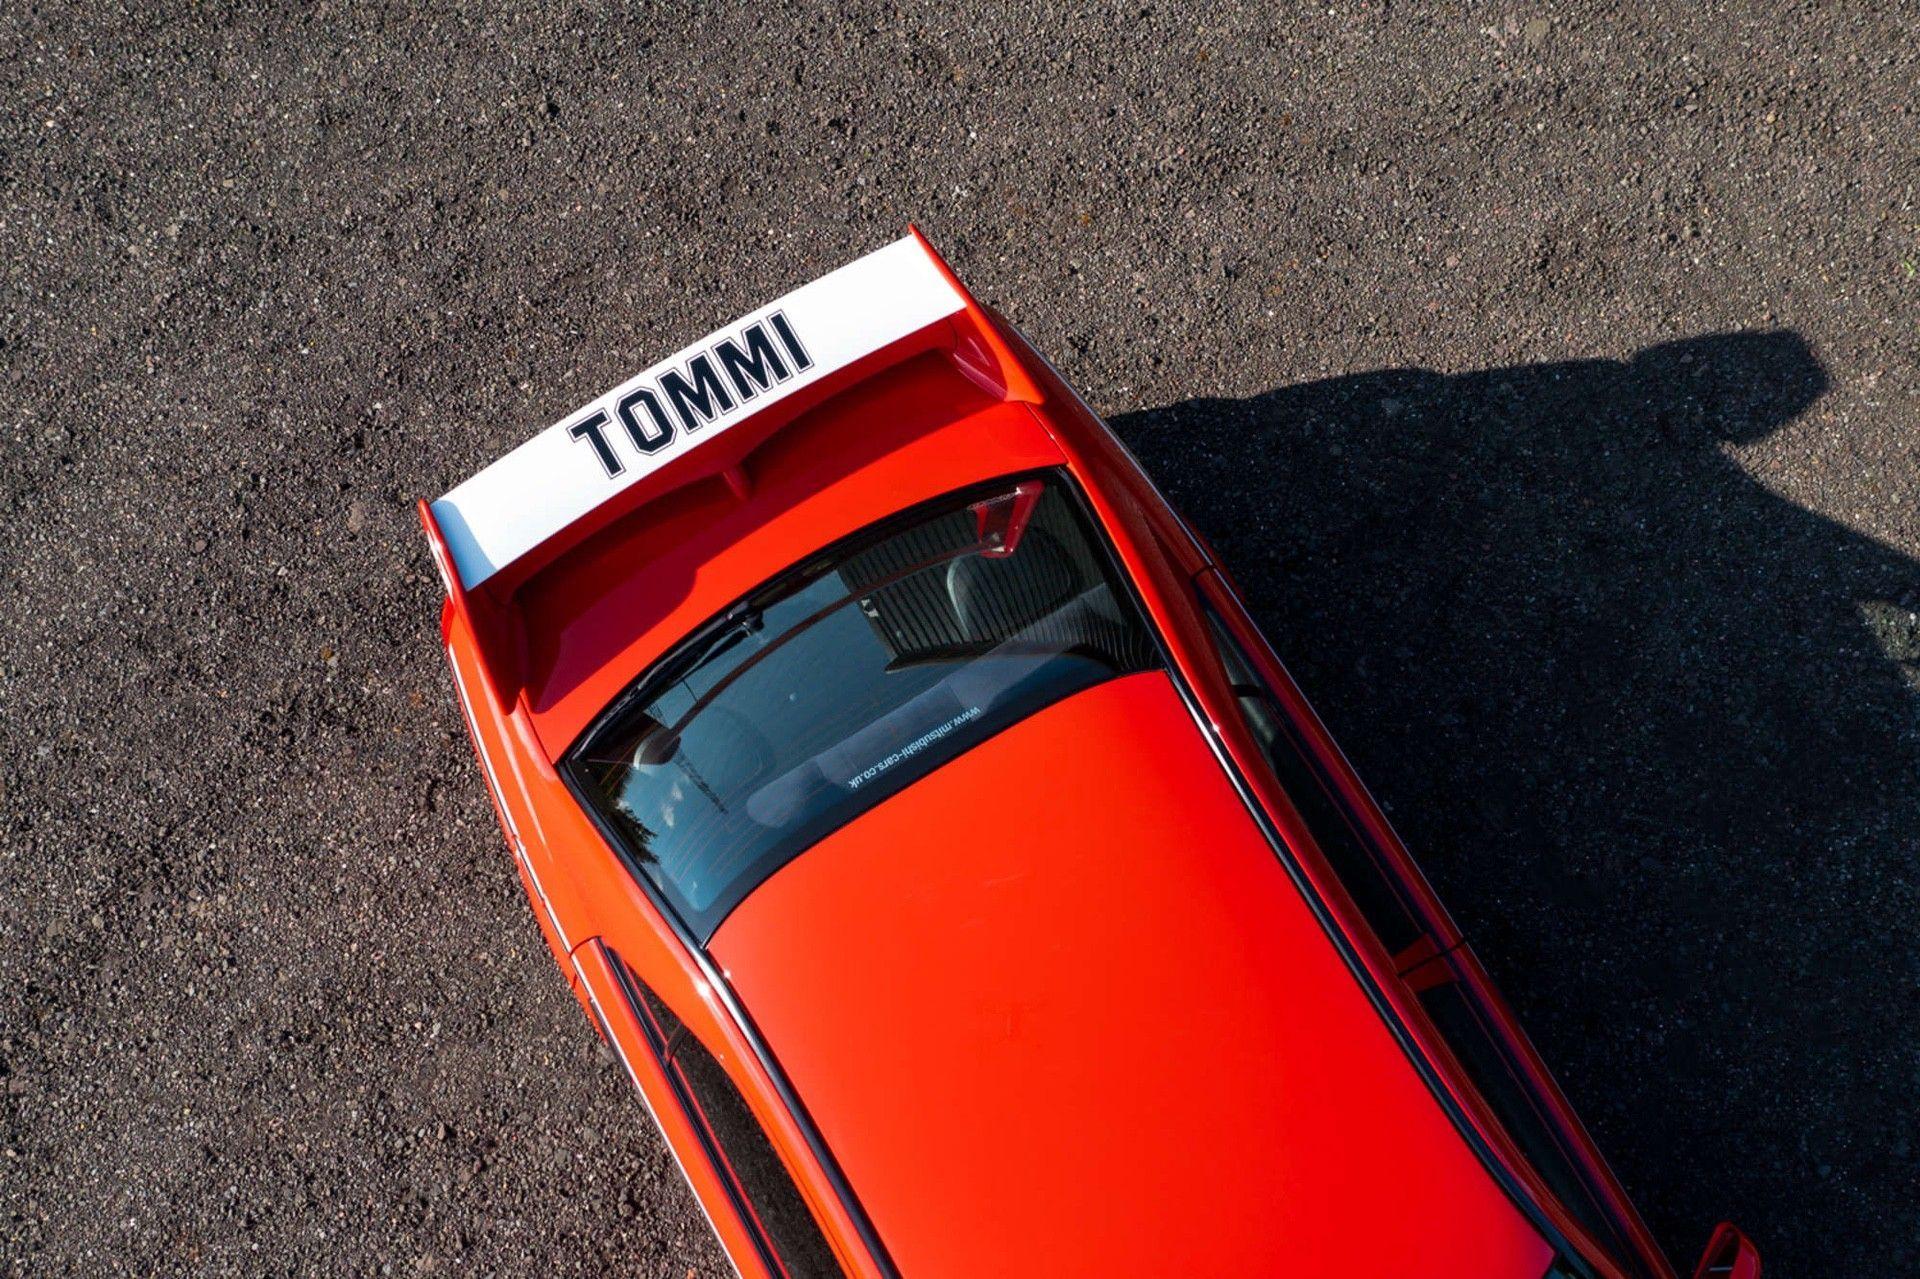 2000_Mitsubishi_Lancer_Evolution_VI_Tommi_Makinen_Edition_sale-0011